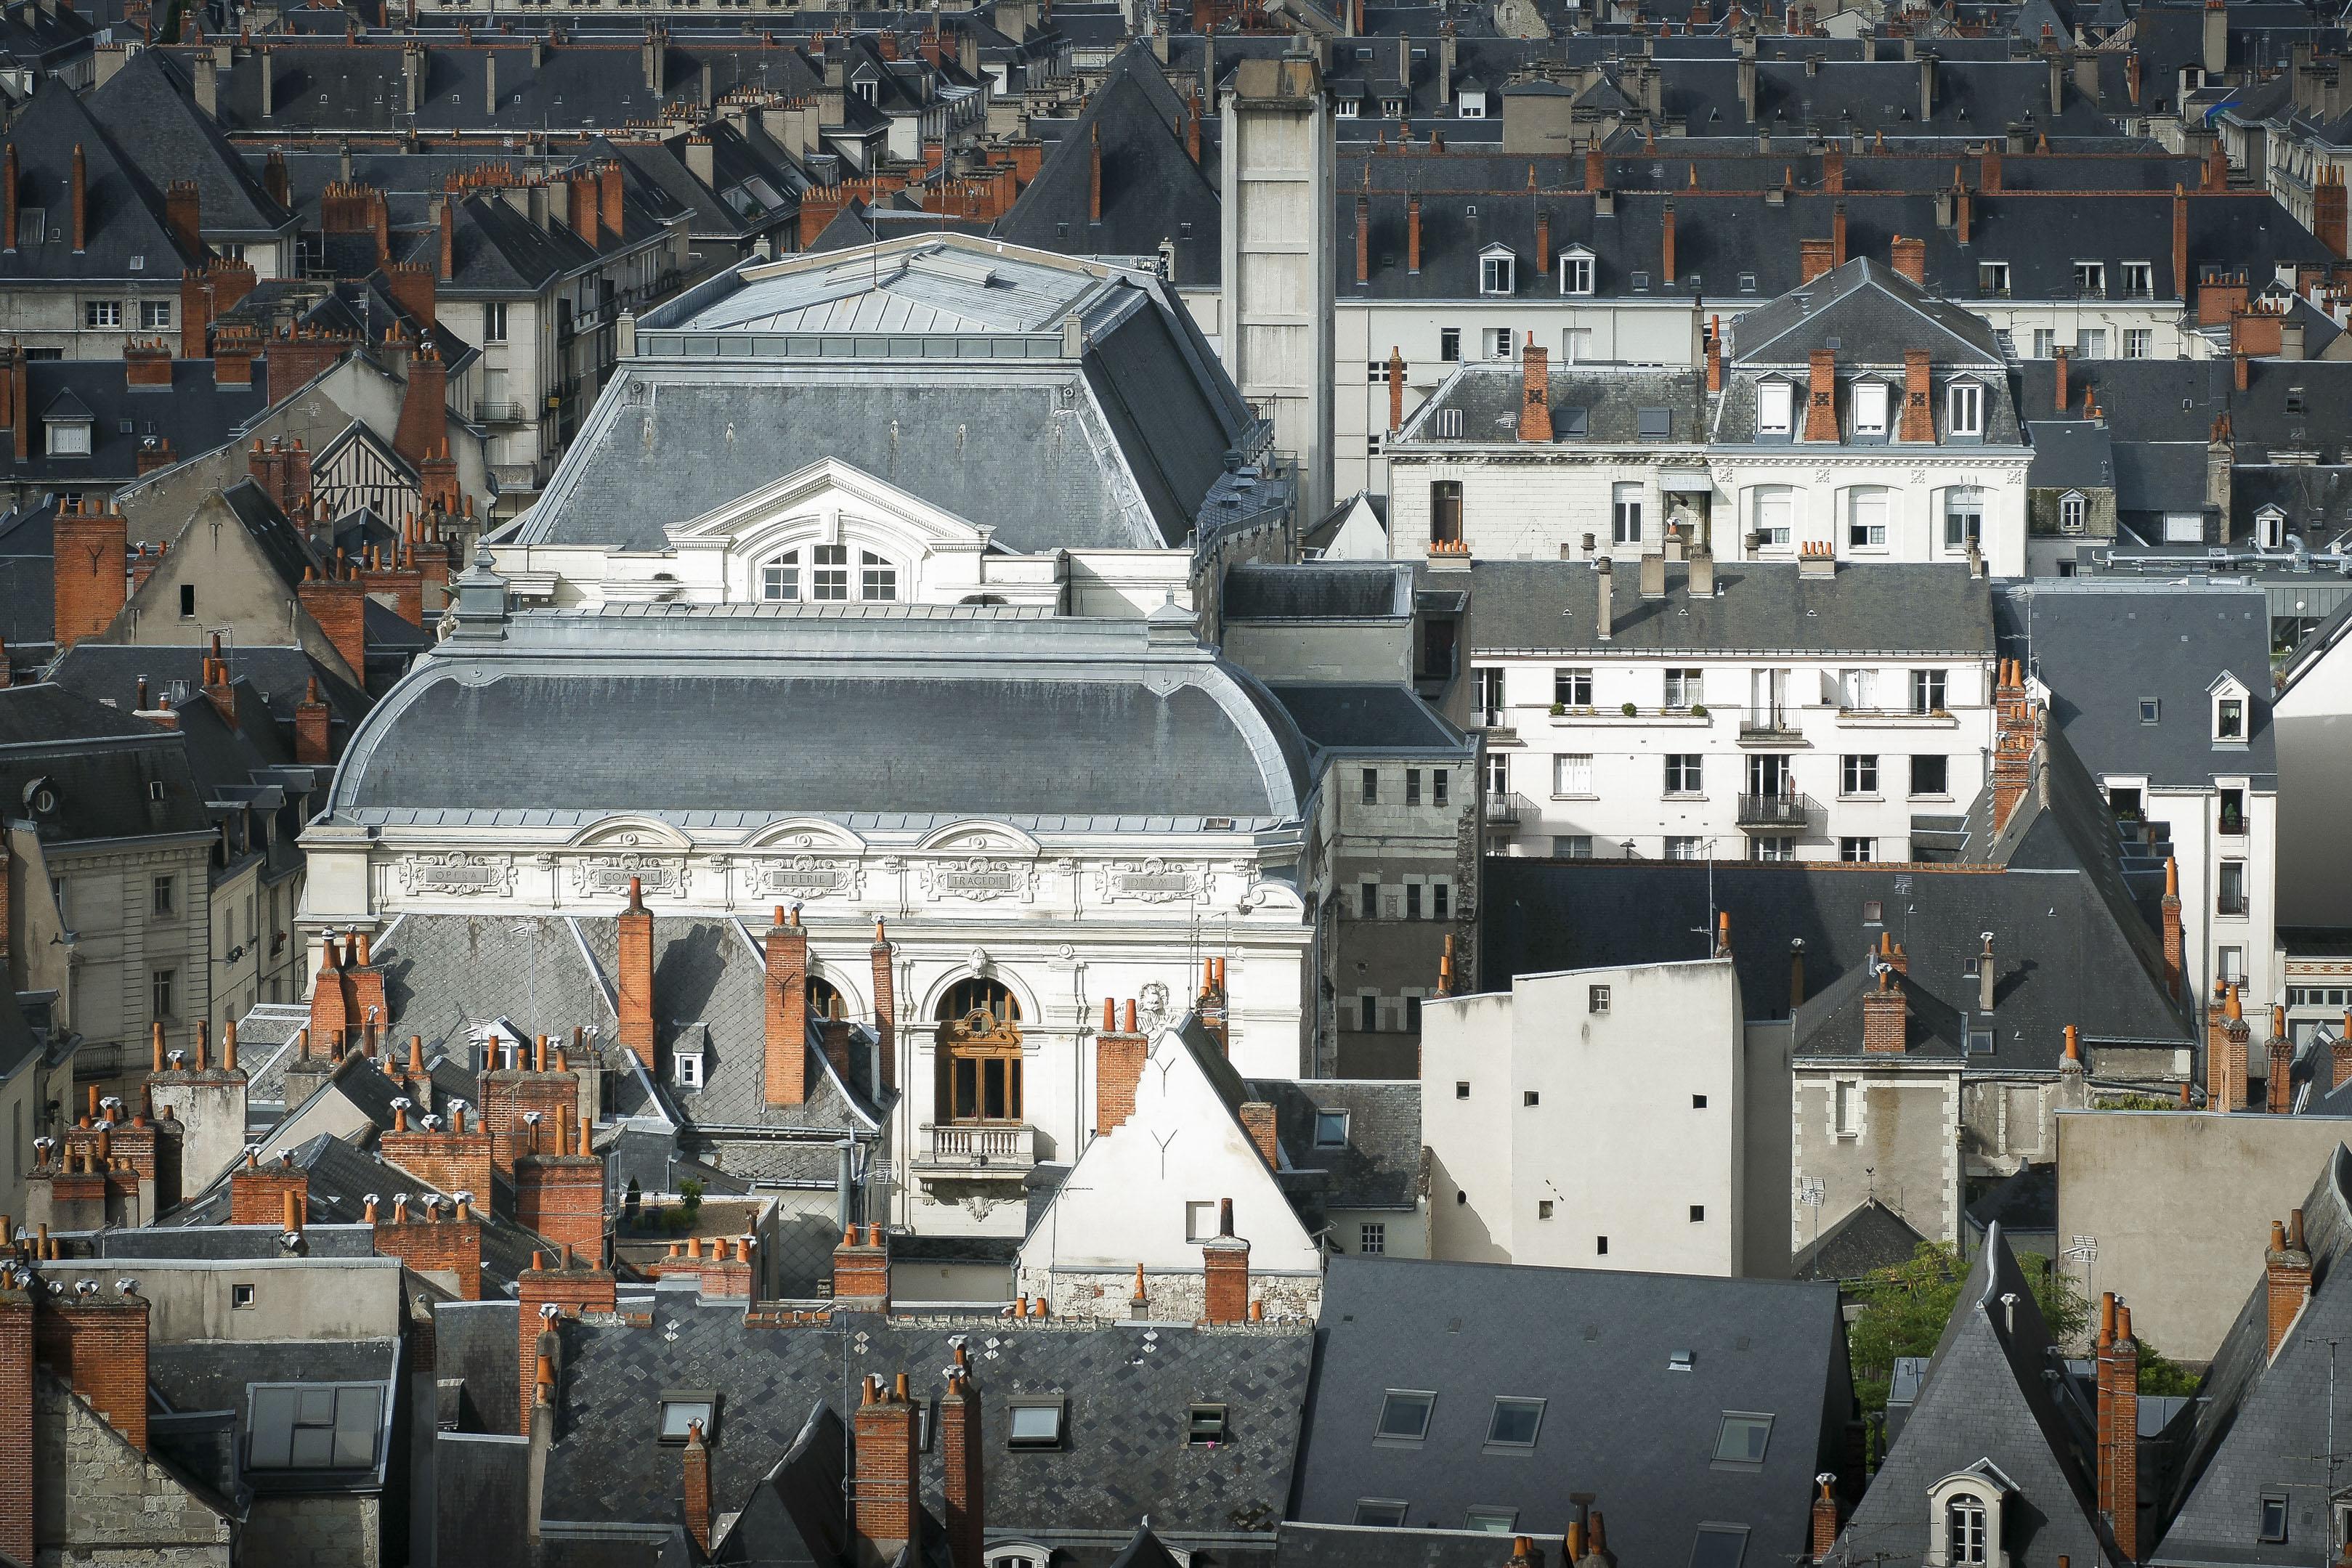 Opéra depuis la cathédrale Saint-Gatien - Septembre 2014